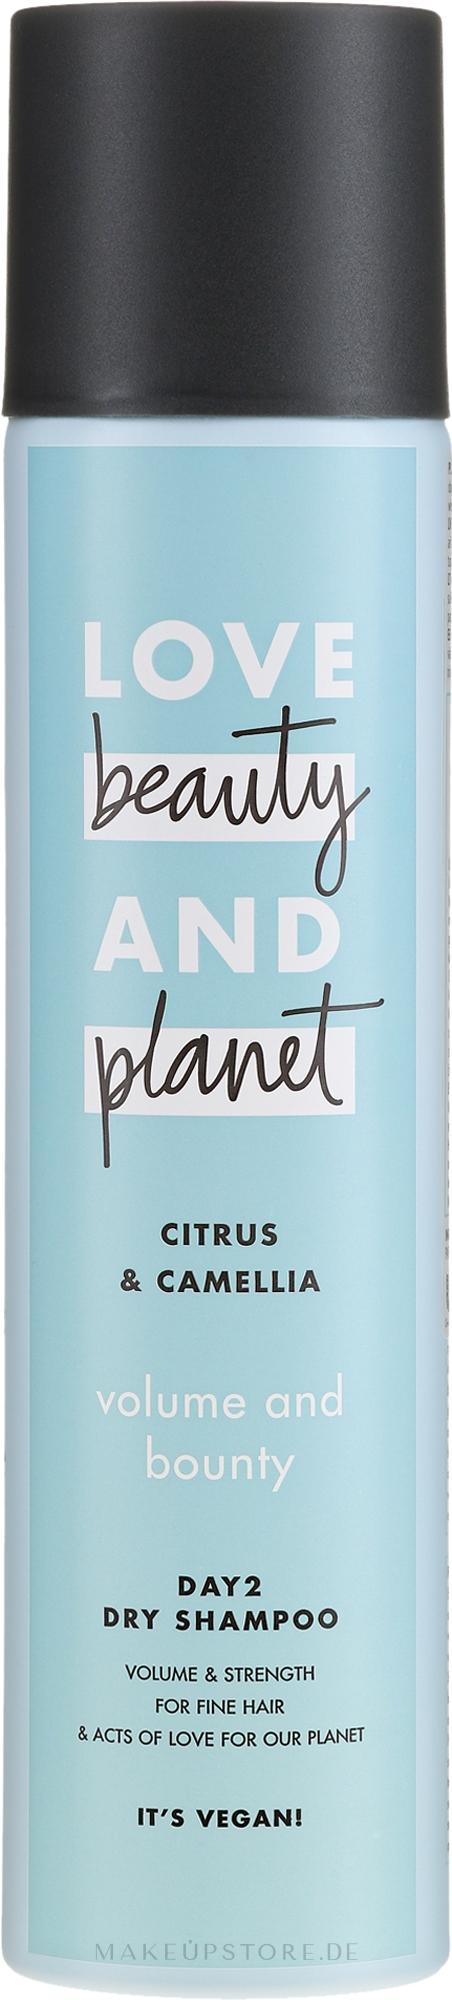 Trockenshampoo für feines Haar mit Zitrusfrüchten und Kamelien - Love Beauty And Planet Citrus & Camellia Dry Shampoo — Bild 245 ml